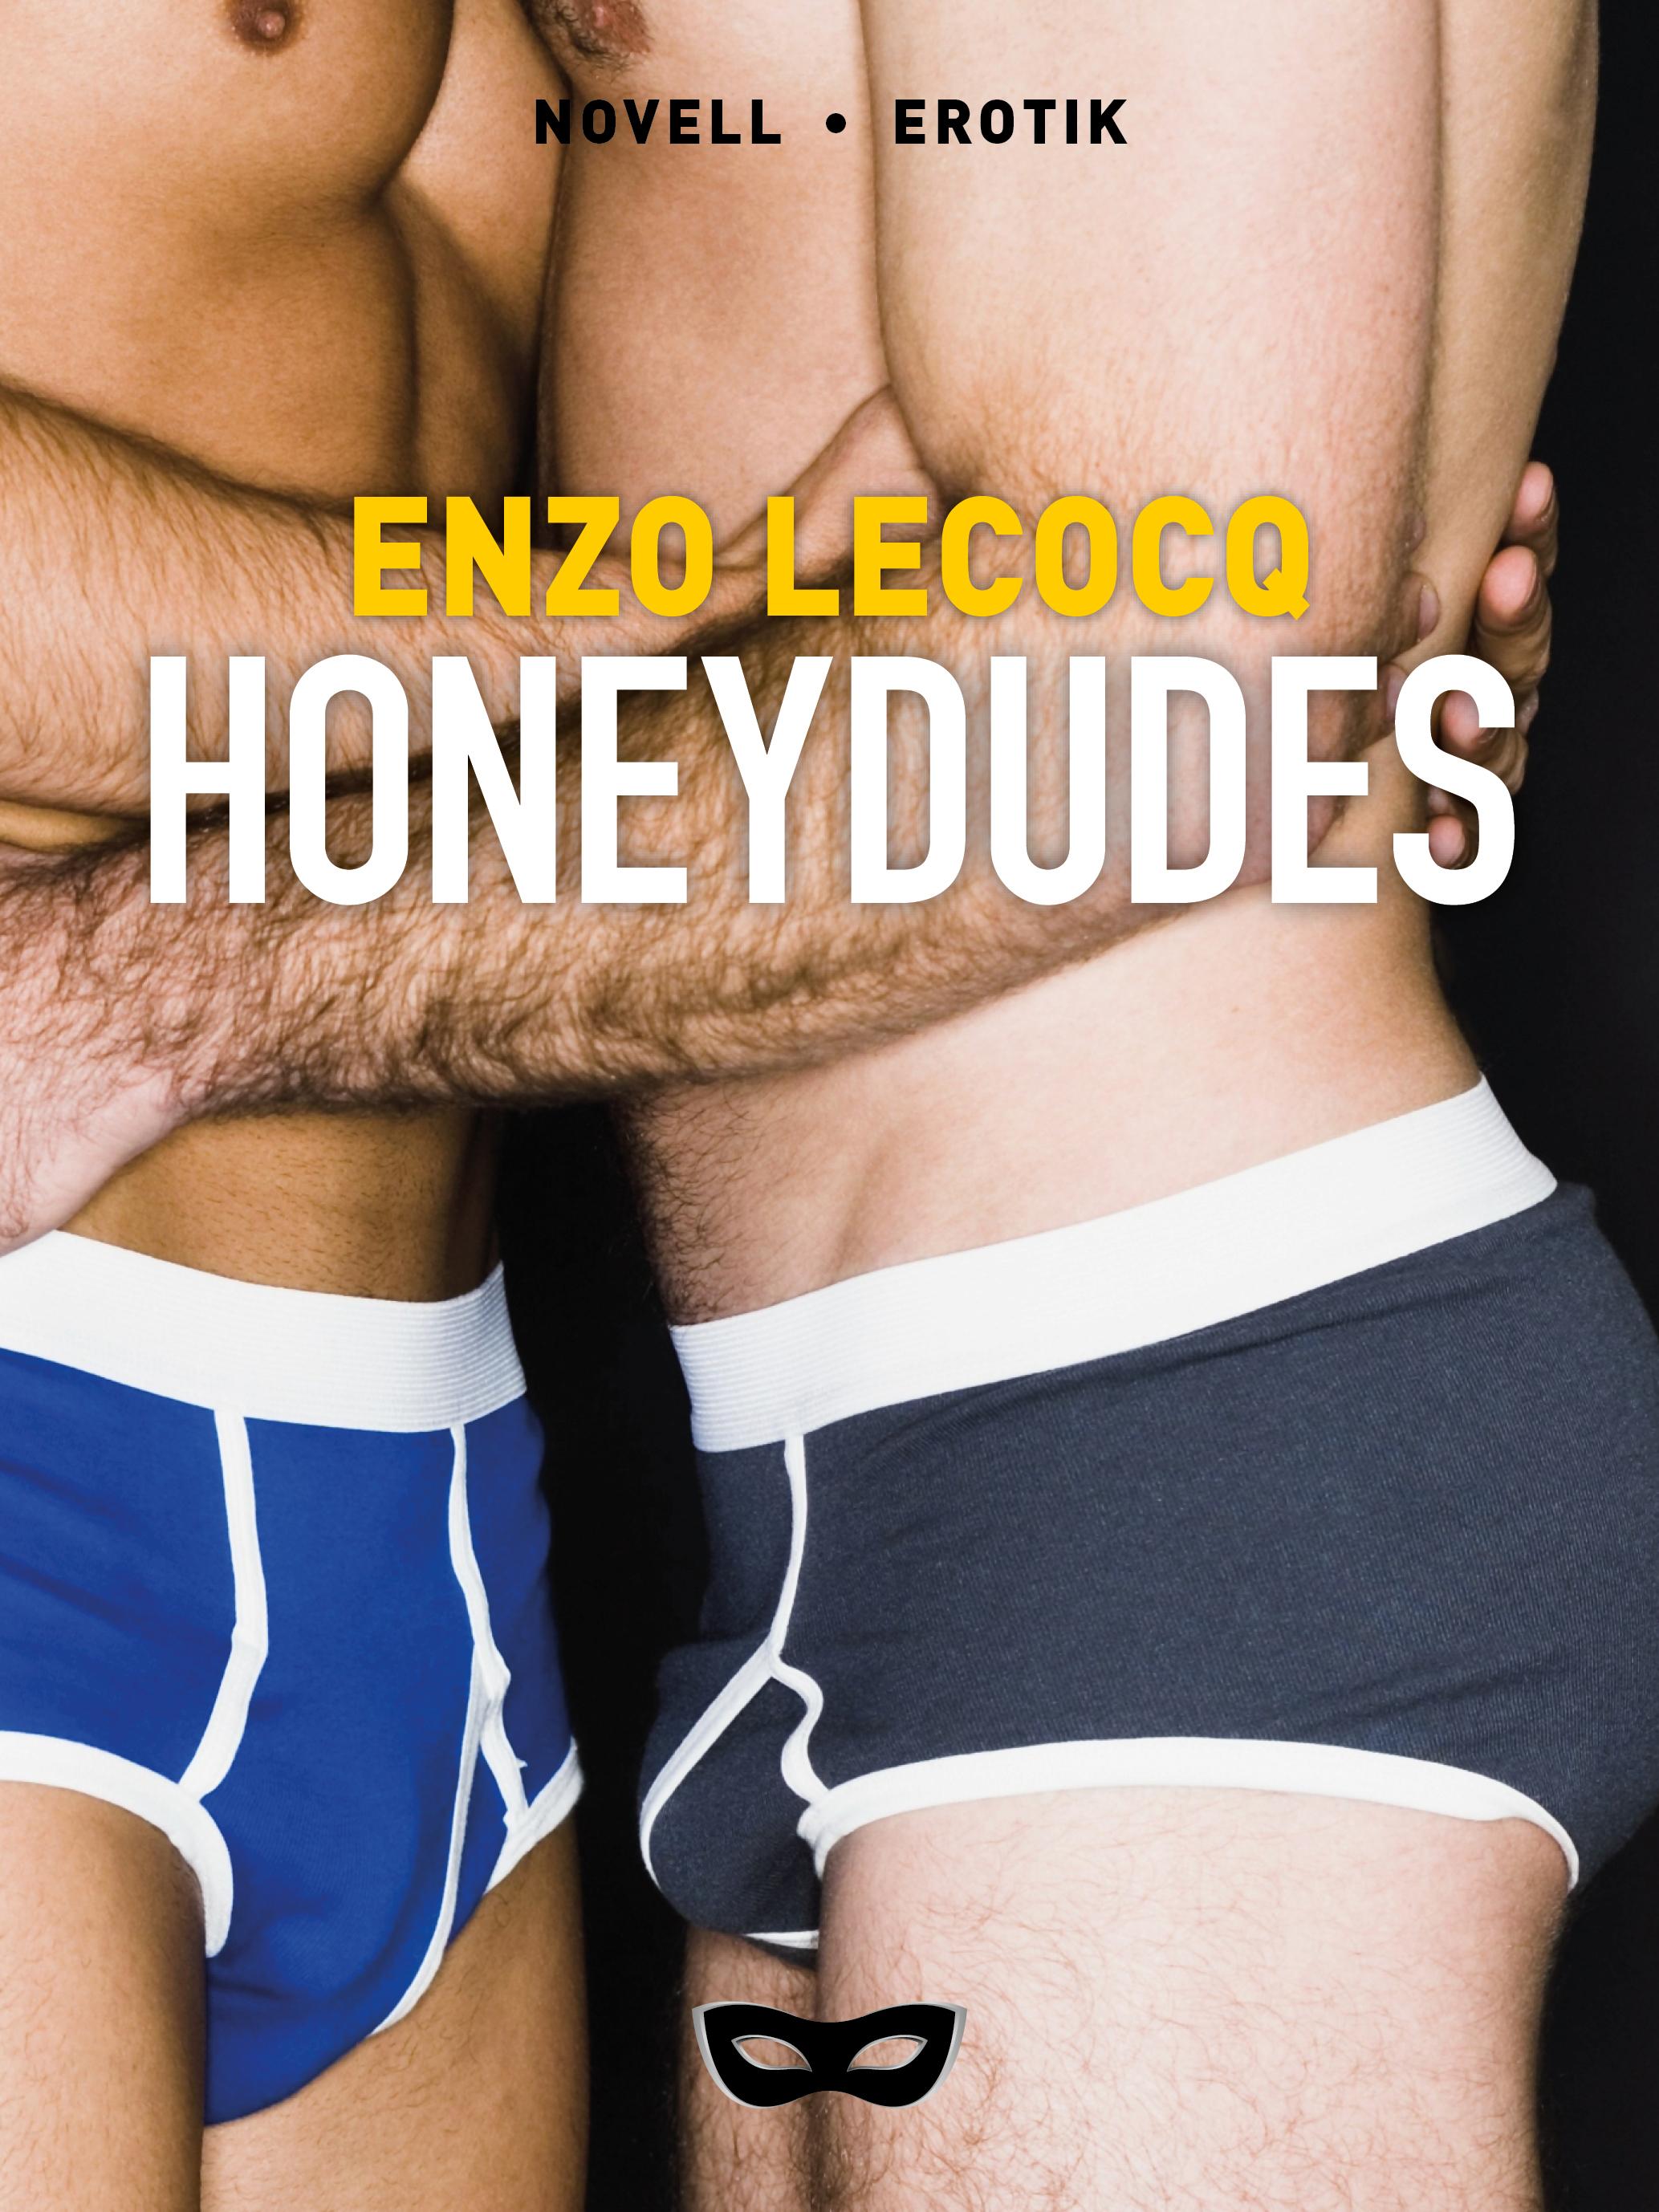 HON-n_Honeydude_Enzo Lecocq.jpg